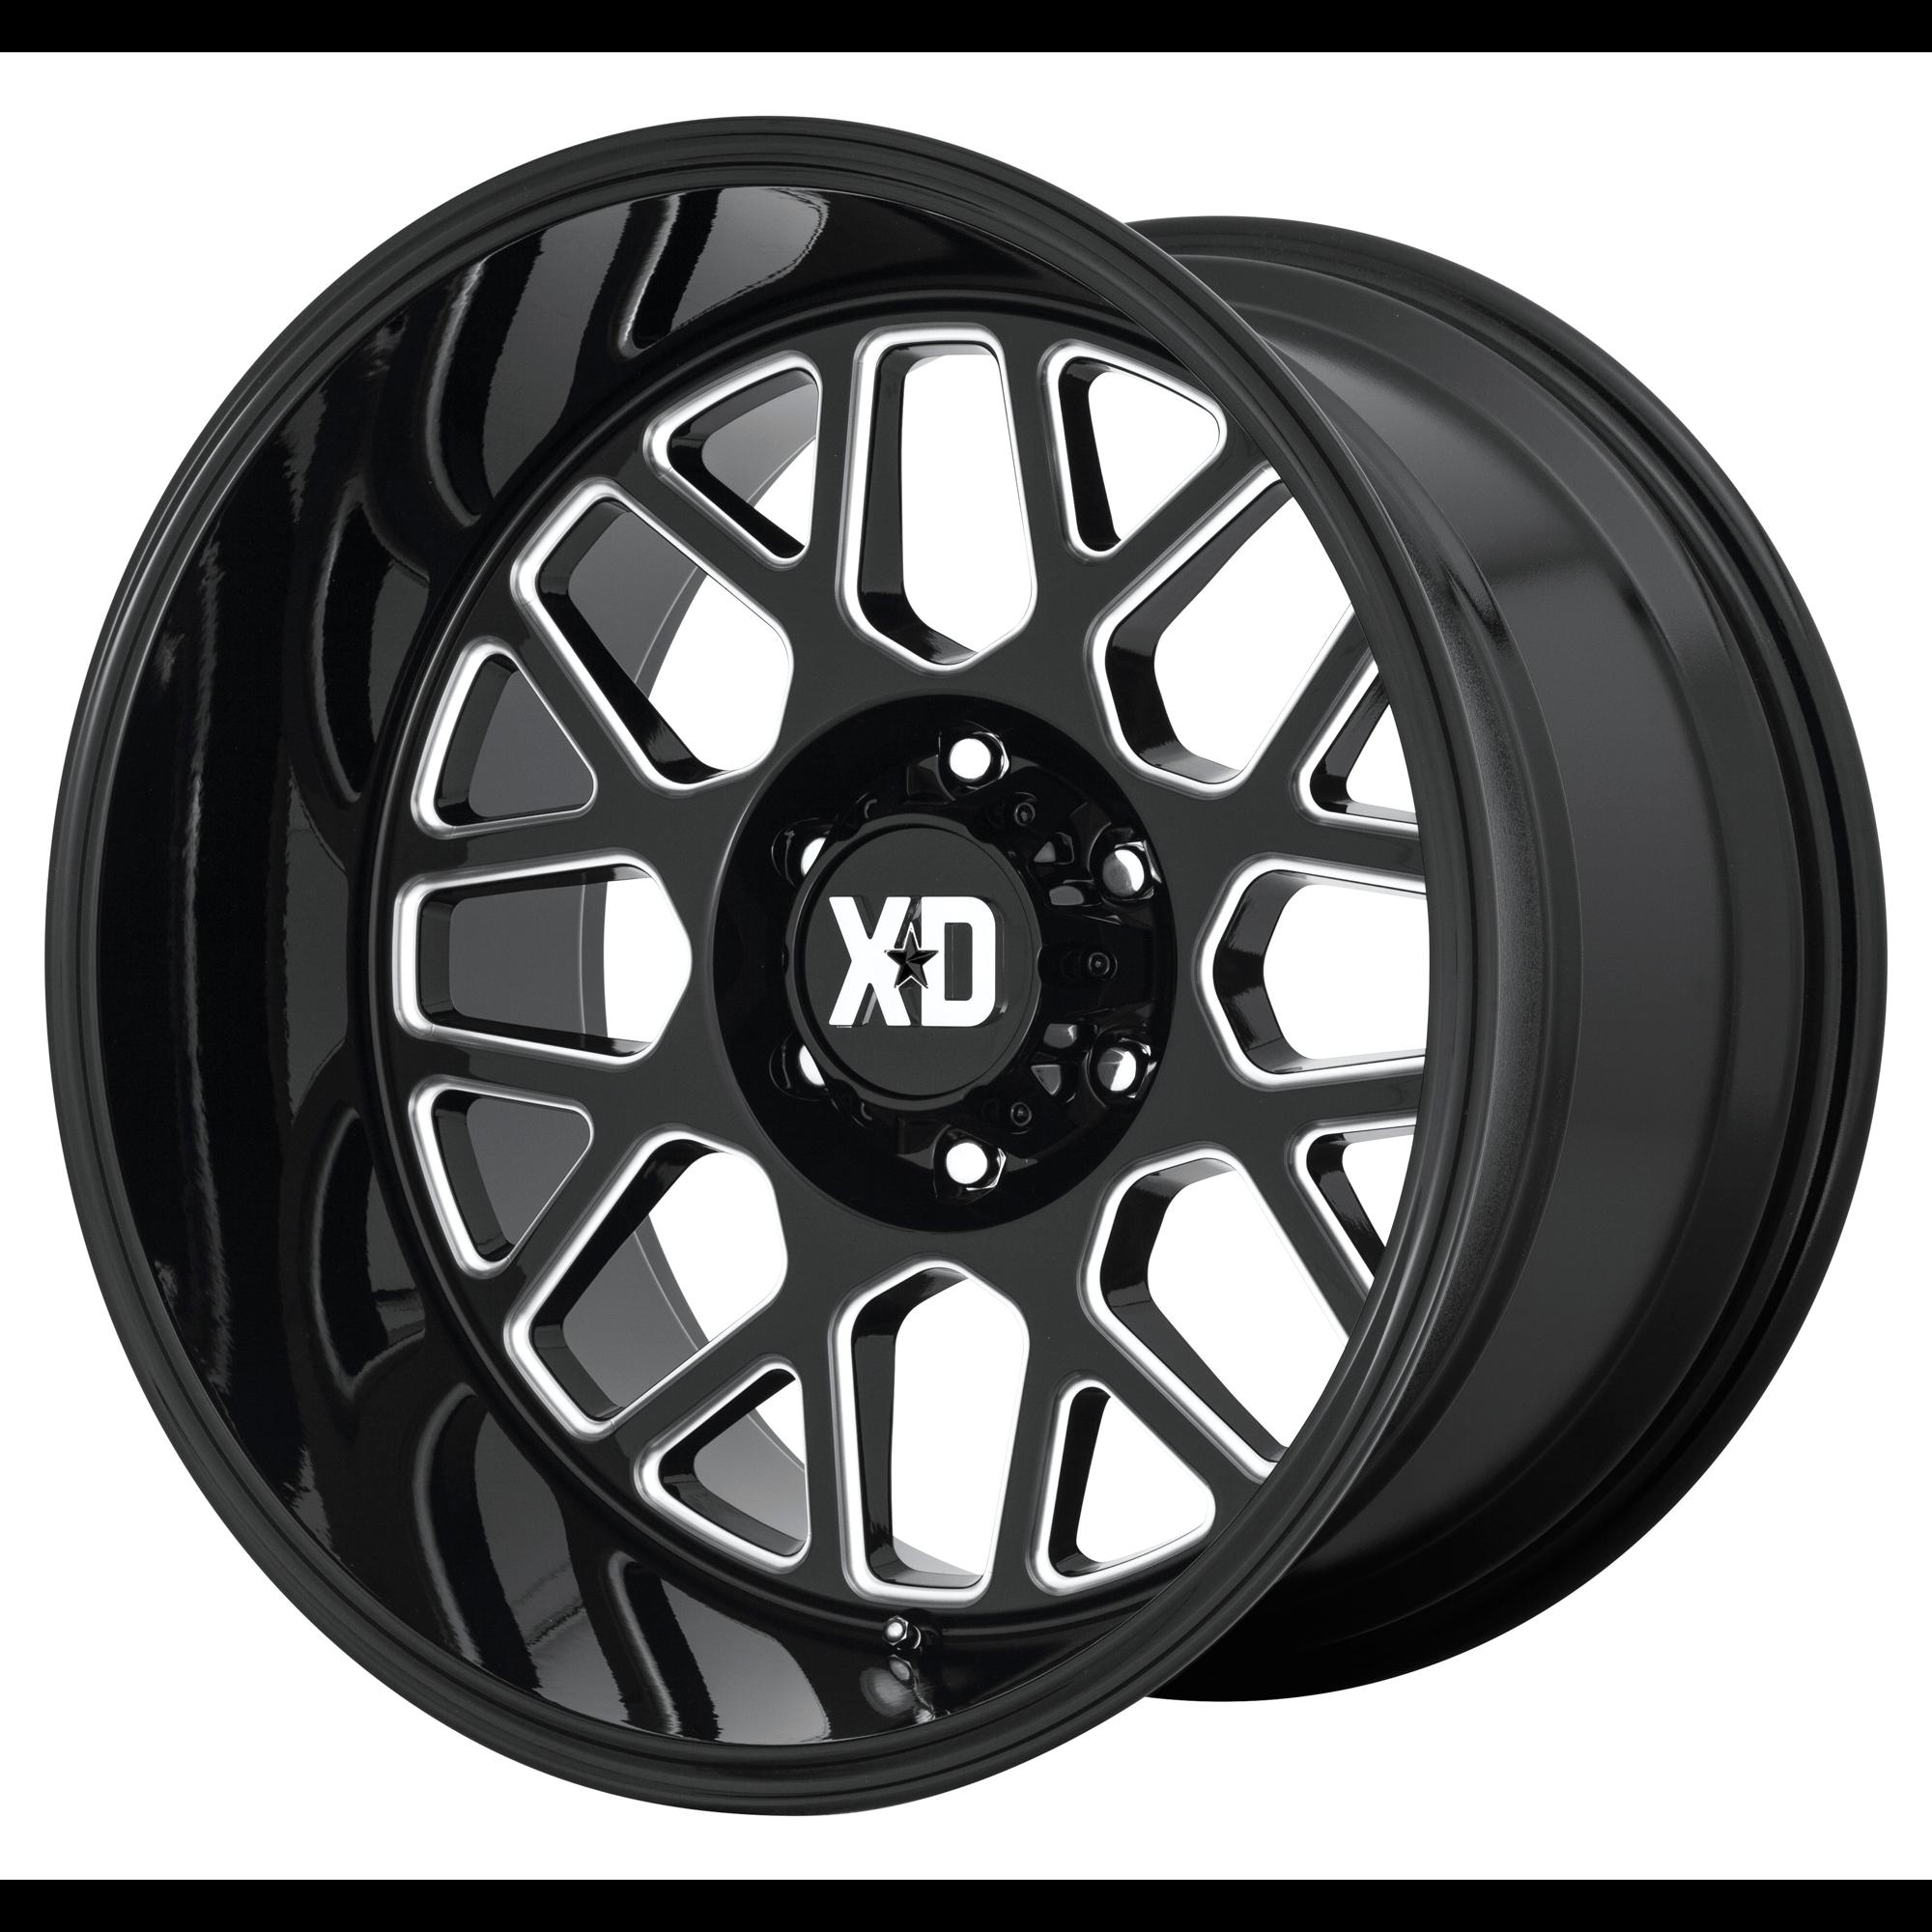 XD SERIES XD849 GRENADE 2 hliníkové disky 10x20 5x127 ET-18 Gloss Black Milled